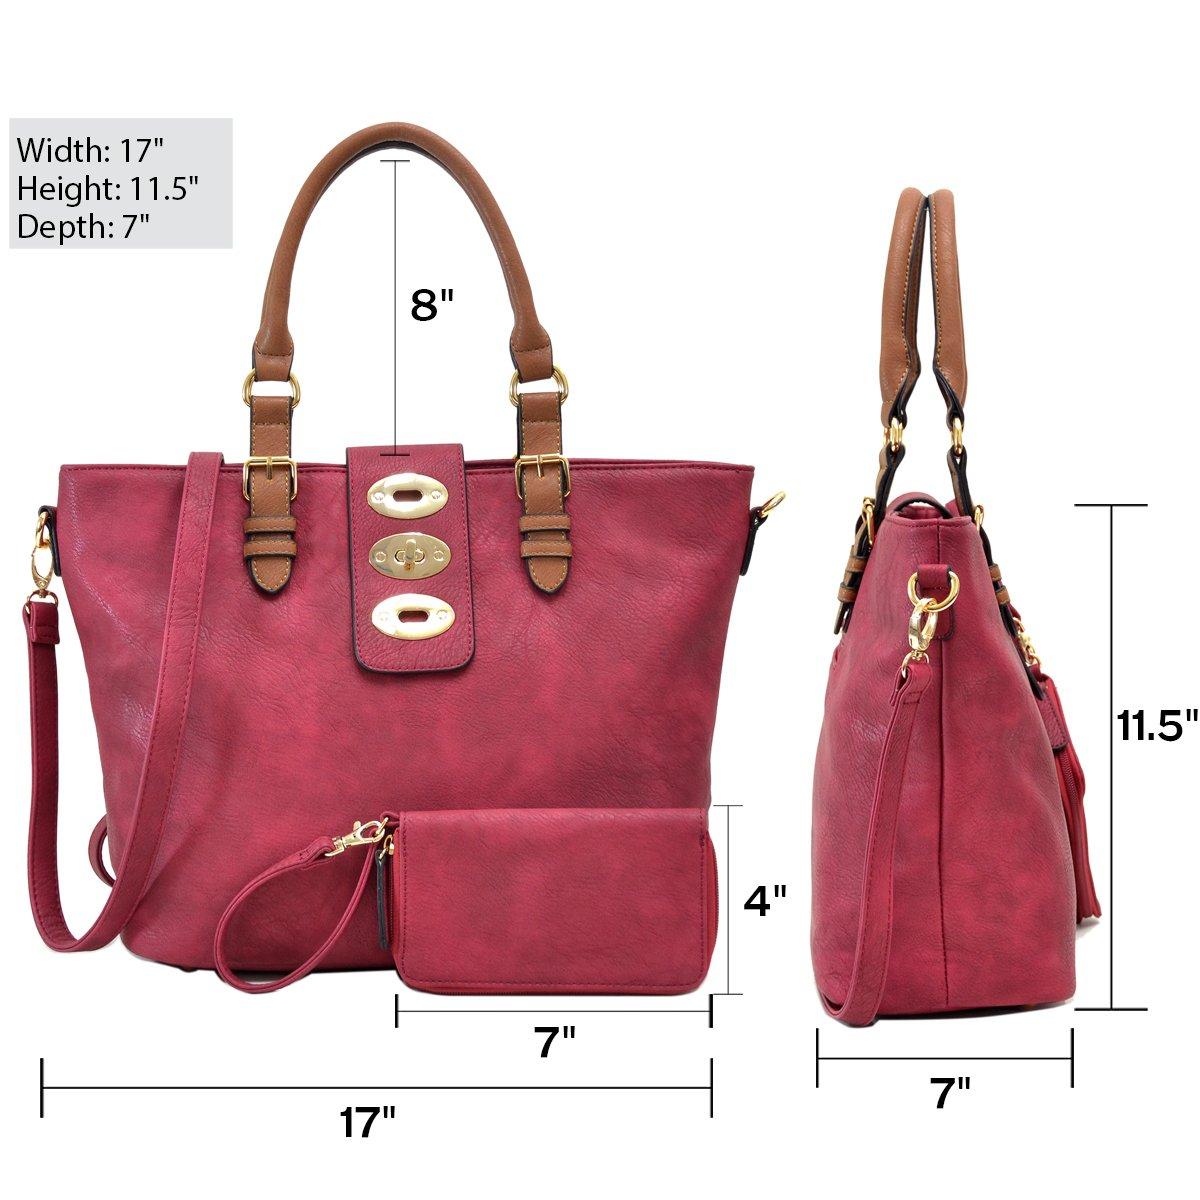 MMK collection Fashion handbag~Classic Tote bag~Holiday gift purse with Wallet~Beautiful Handbag wallet set~Crossbody handbag (MA-07-6717-BK/CF) by Marco M. Kelly (Image #2)